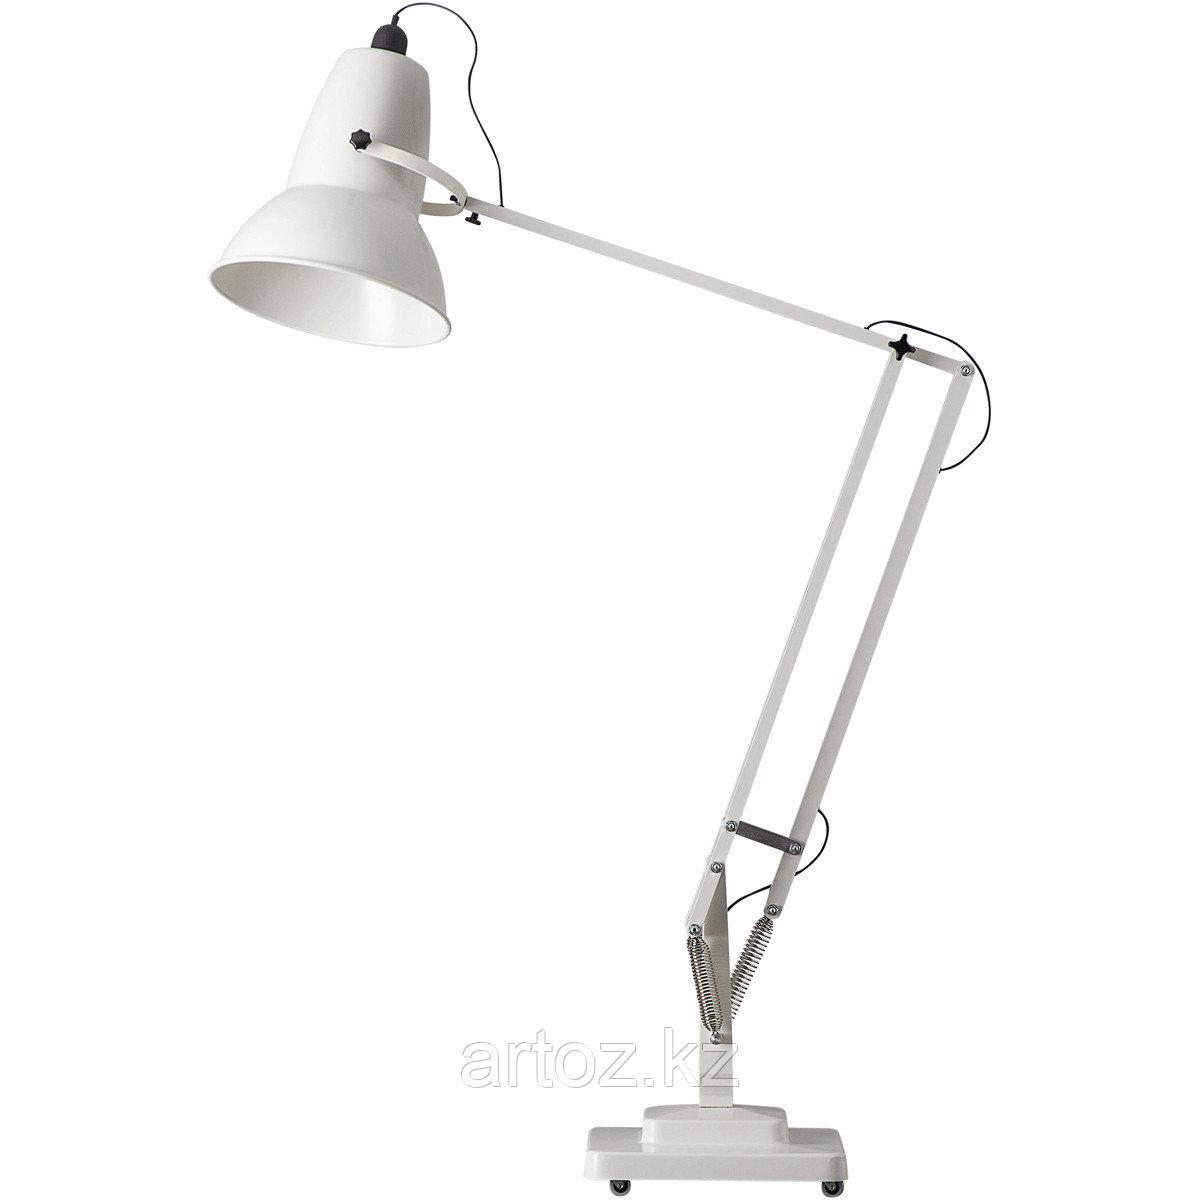 Напольная лампа 1227 Giant floor (white)